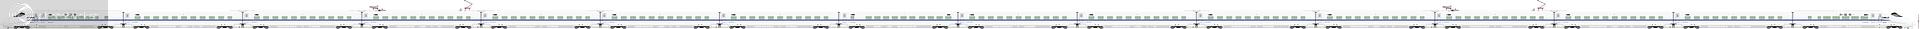 [5073] 中國鐵路北京局 2073